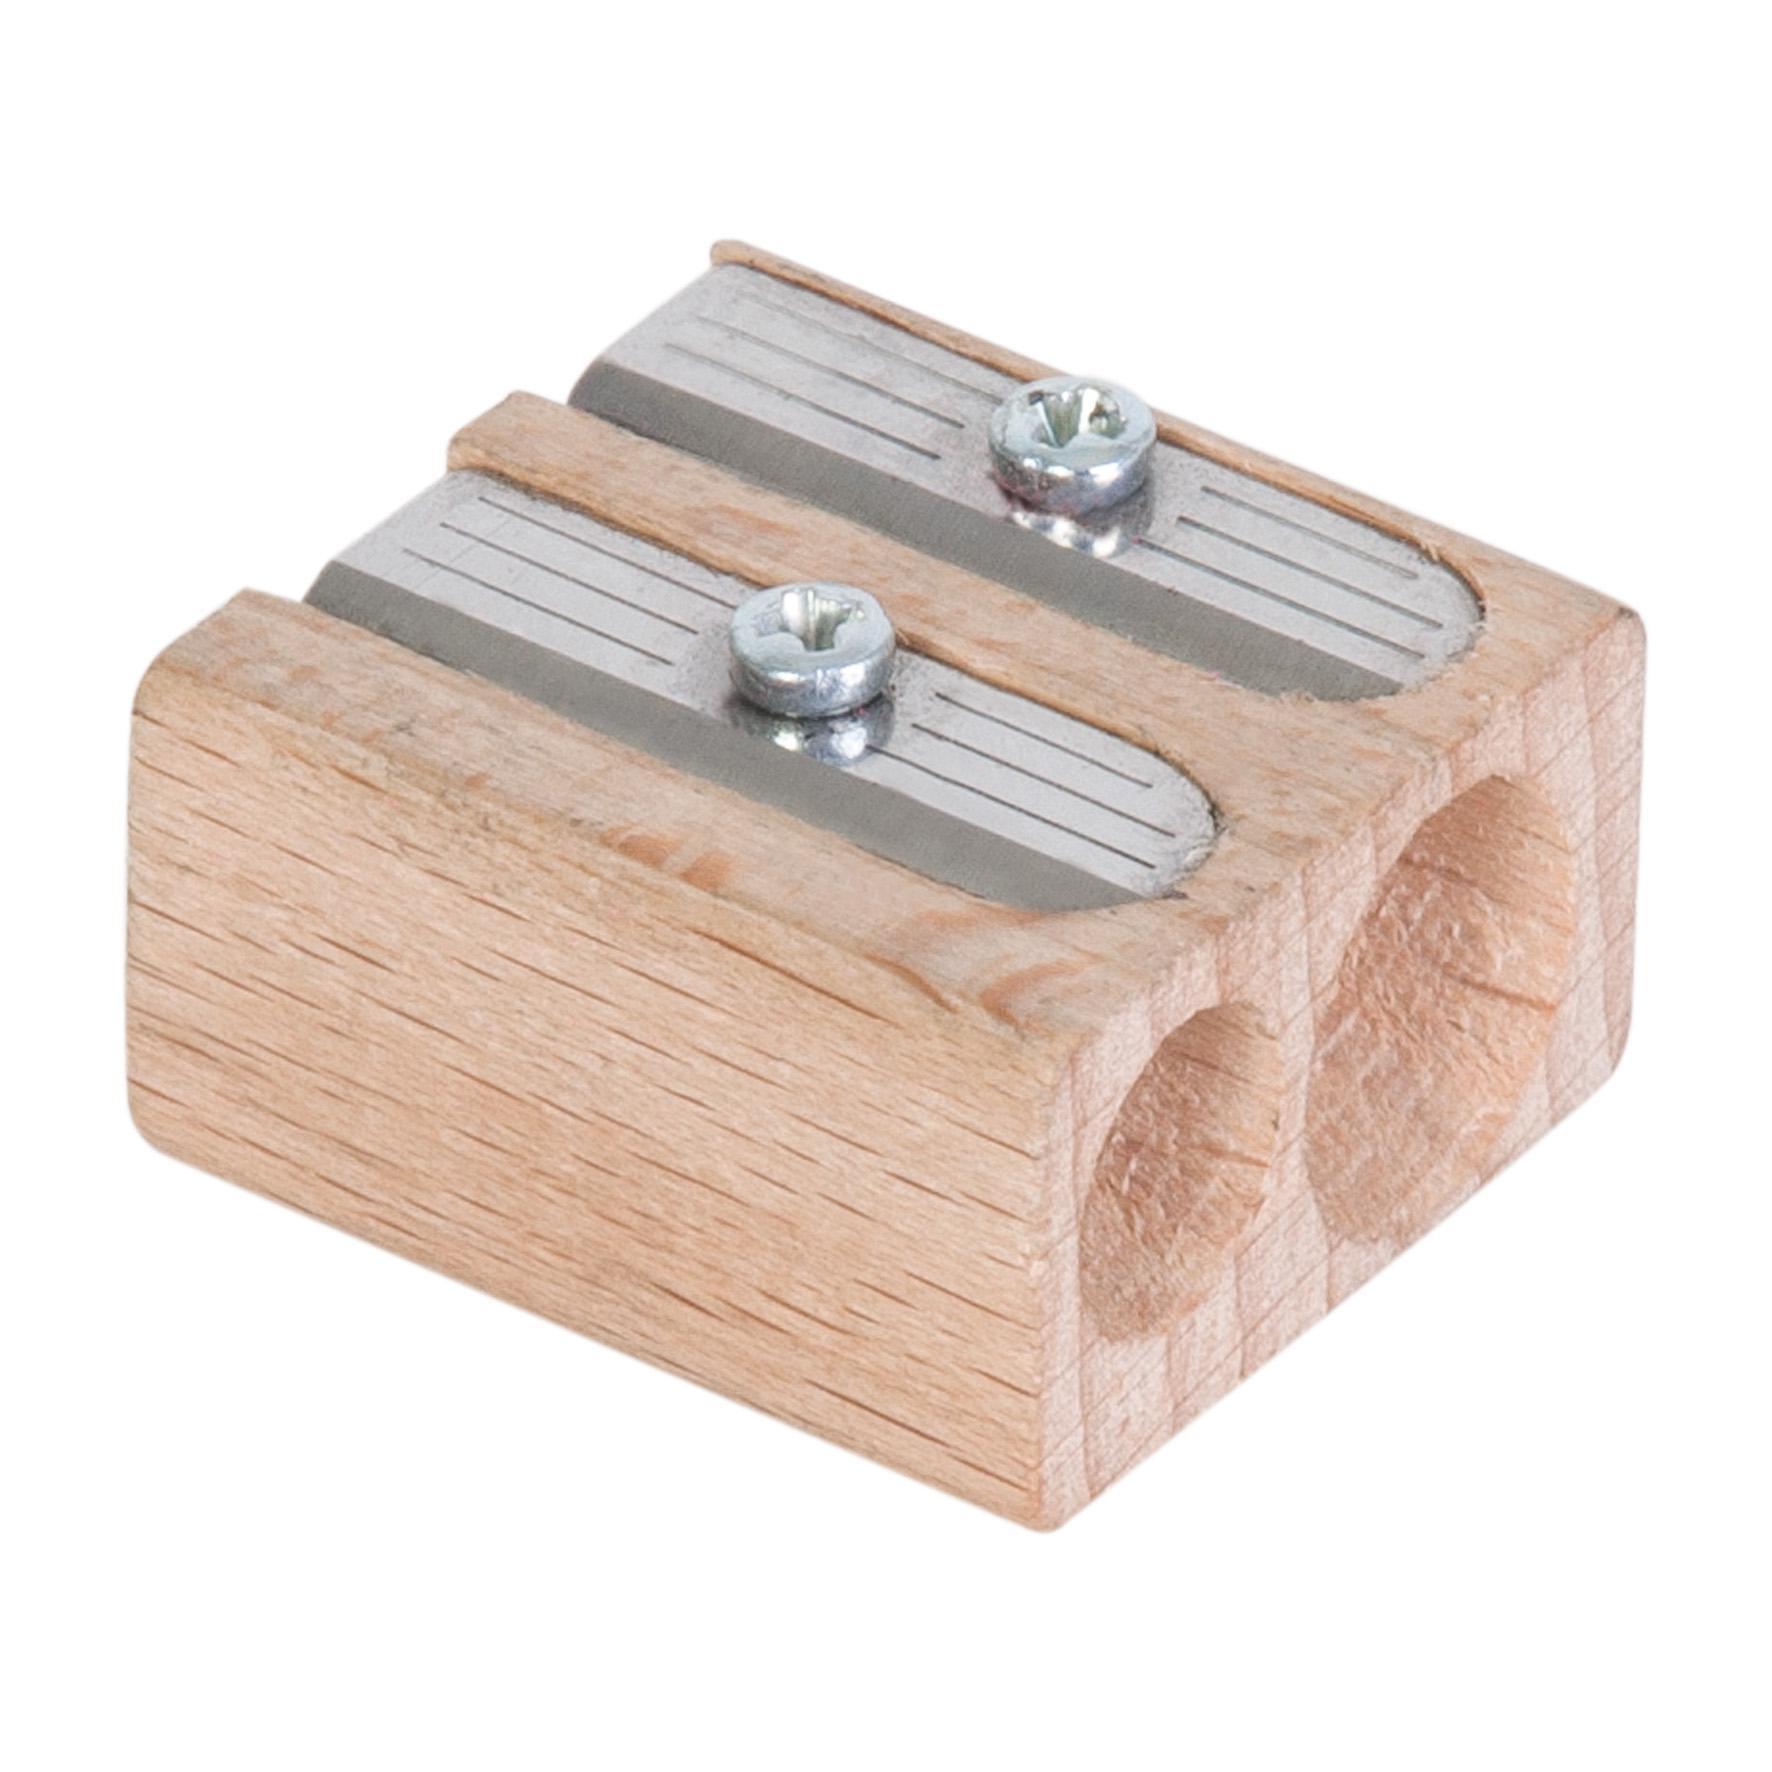 objet publicitaire écologique - taiille - crayons personnalisé en bois Woody